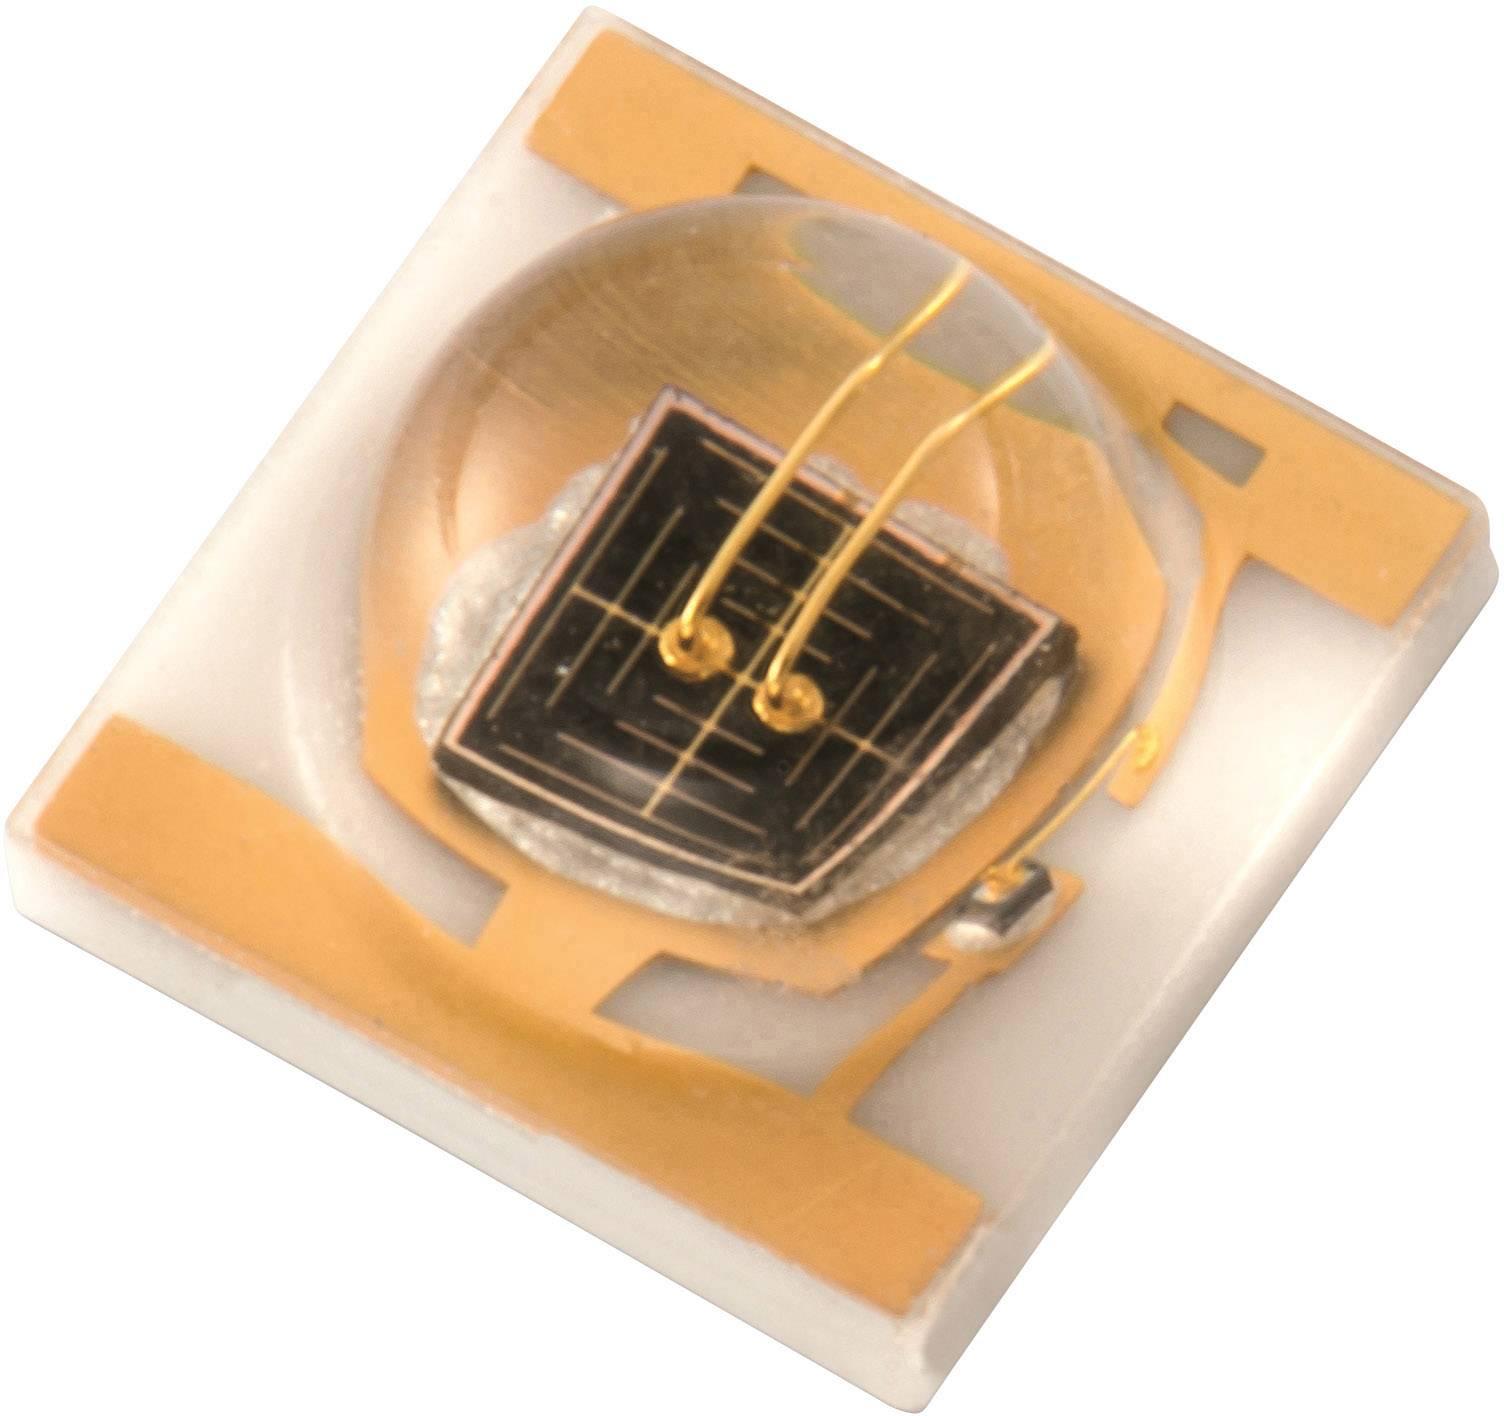 IR reflektor Würth Elektronik 15435385A9050, 850 nm, 90 °, 3.45 x 3.45 mm, 3535, SMD